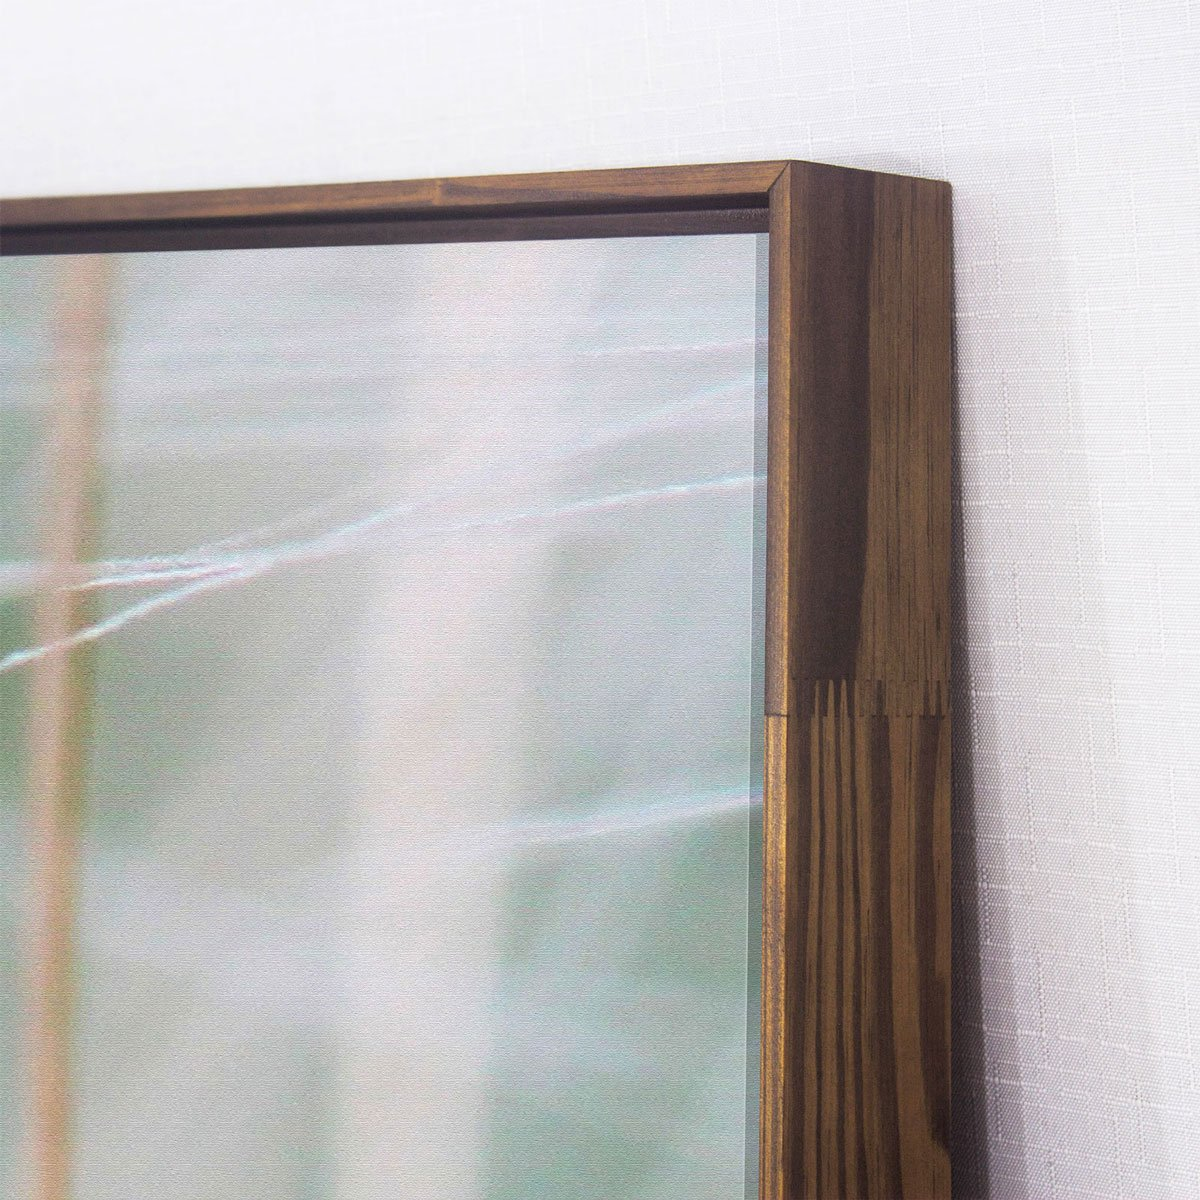 Quadro Dente de Leão em Tela Canvas com Moldura 70x70 cm